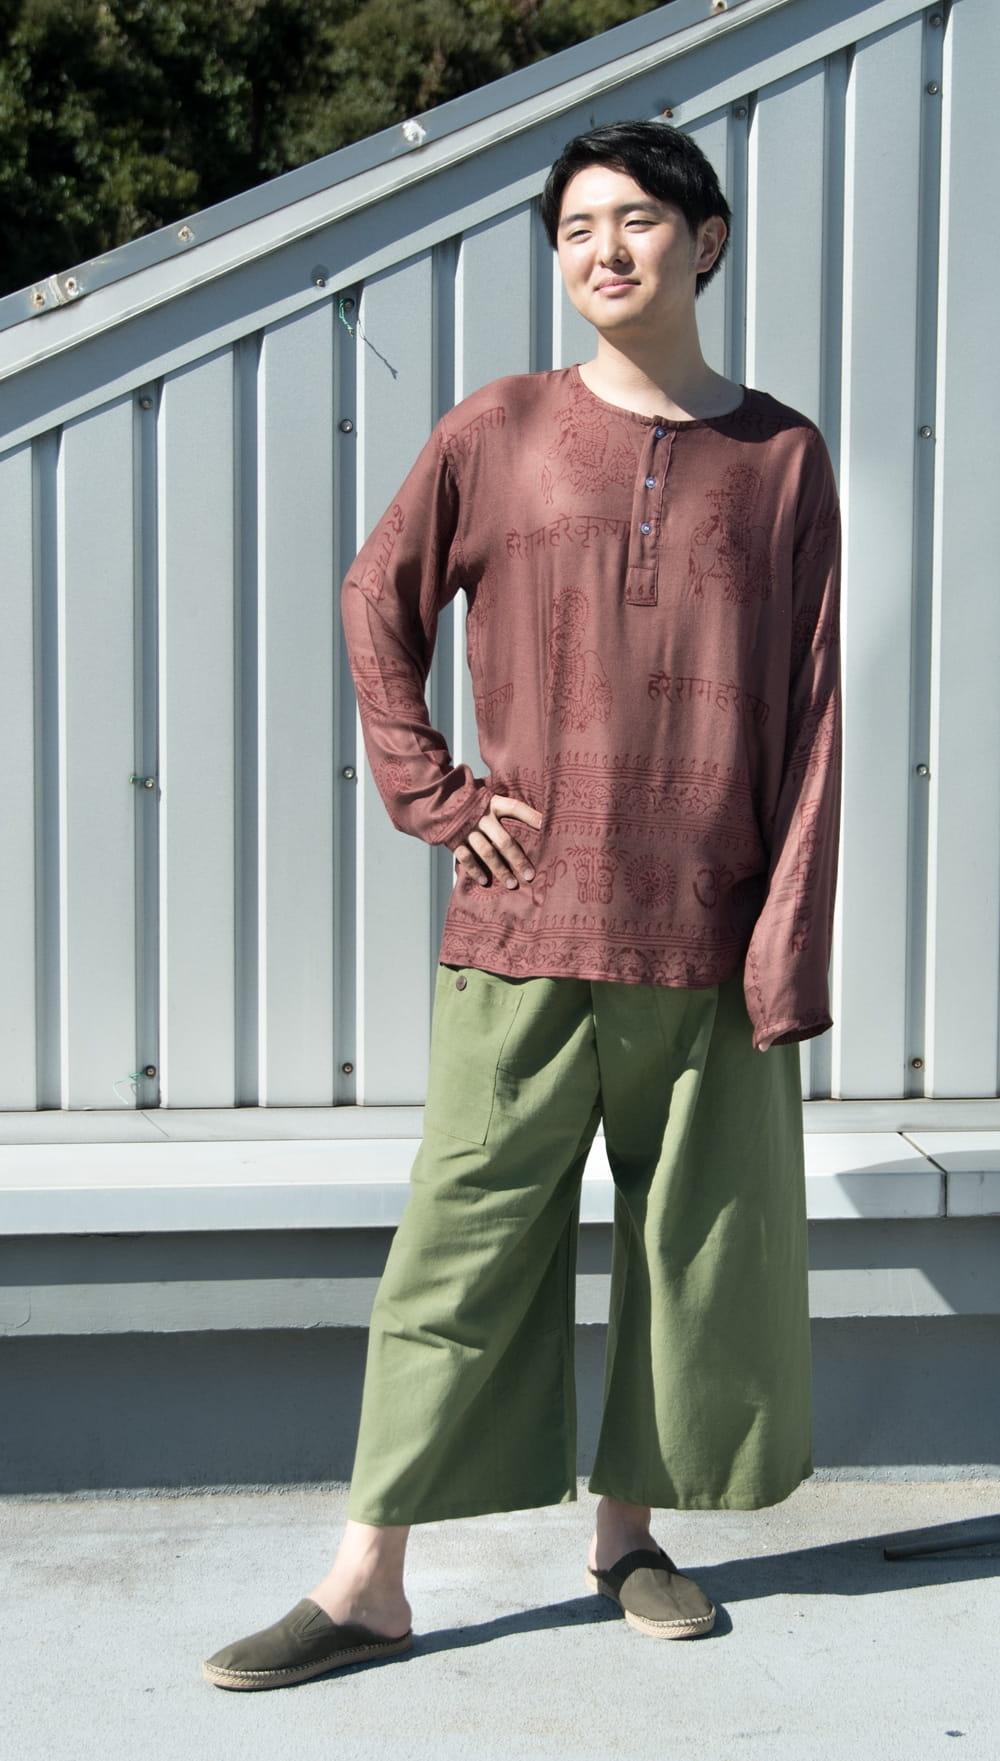 病みつきになる履き心地 簡単!らくちん!タイパンツ 2 - 身長172cmのモデルが着てみました。嬉しいユニセックスデザインです。